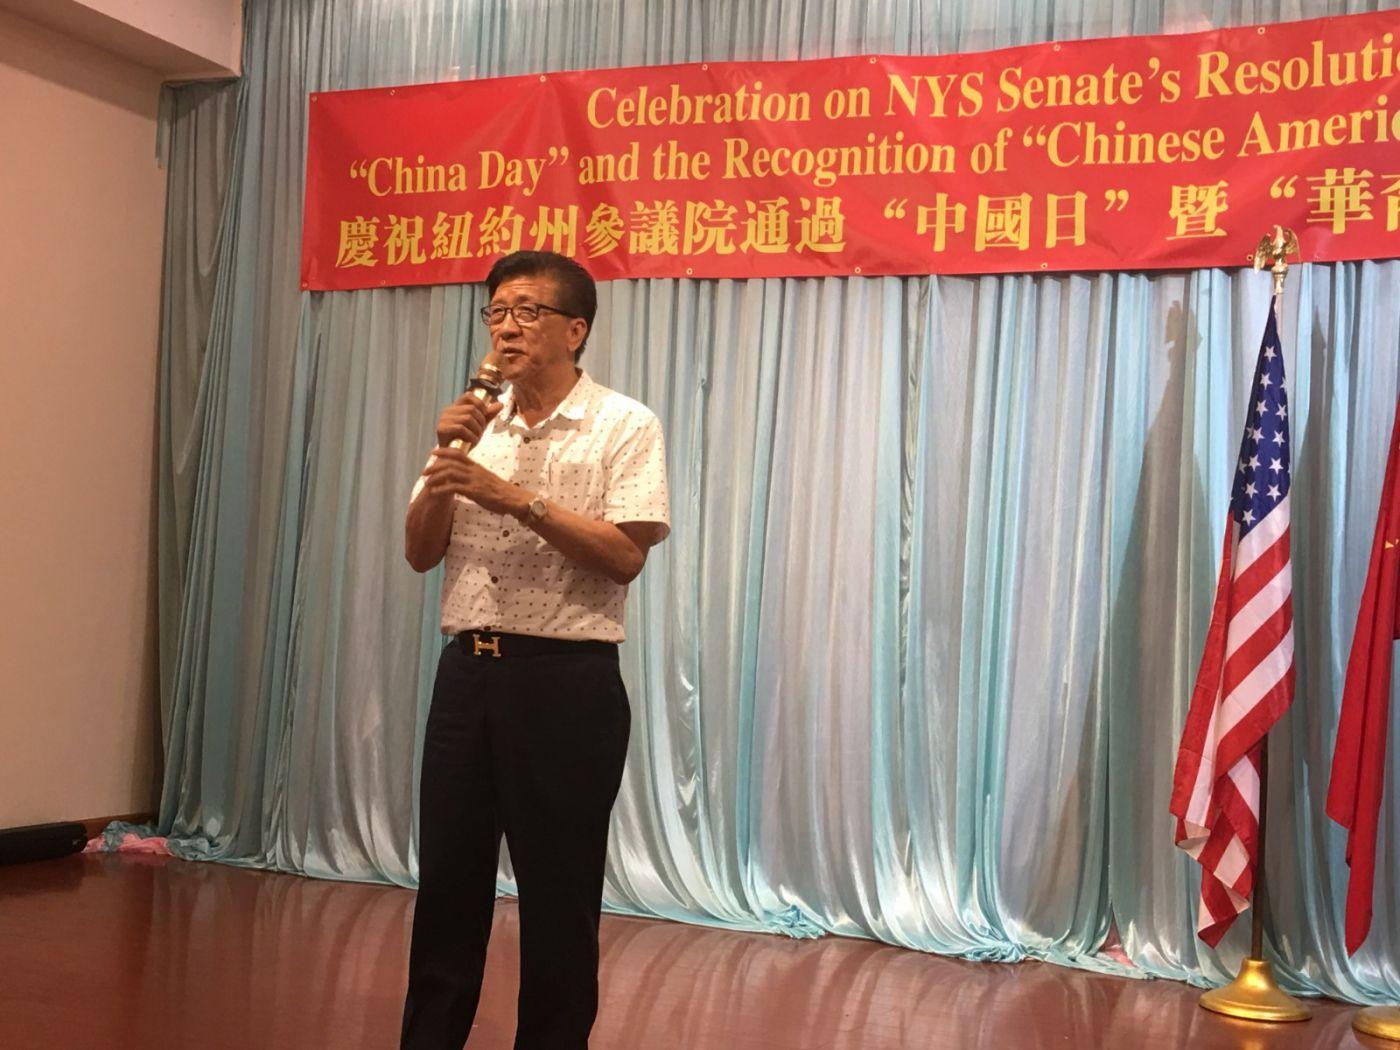 紐約州參議院通過「中國日」決議案慶祝会在紐約舉行_图1-33